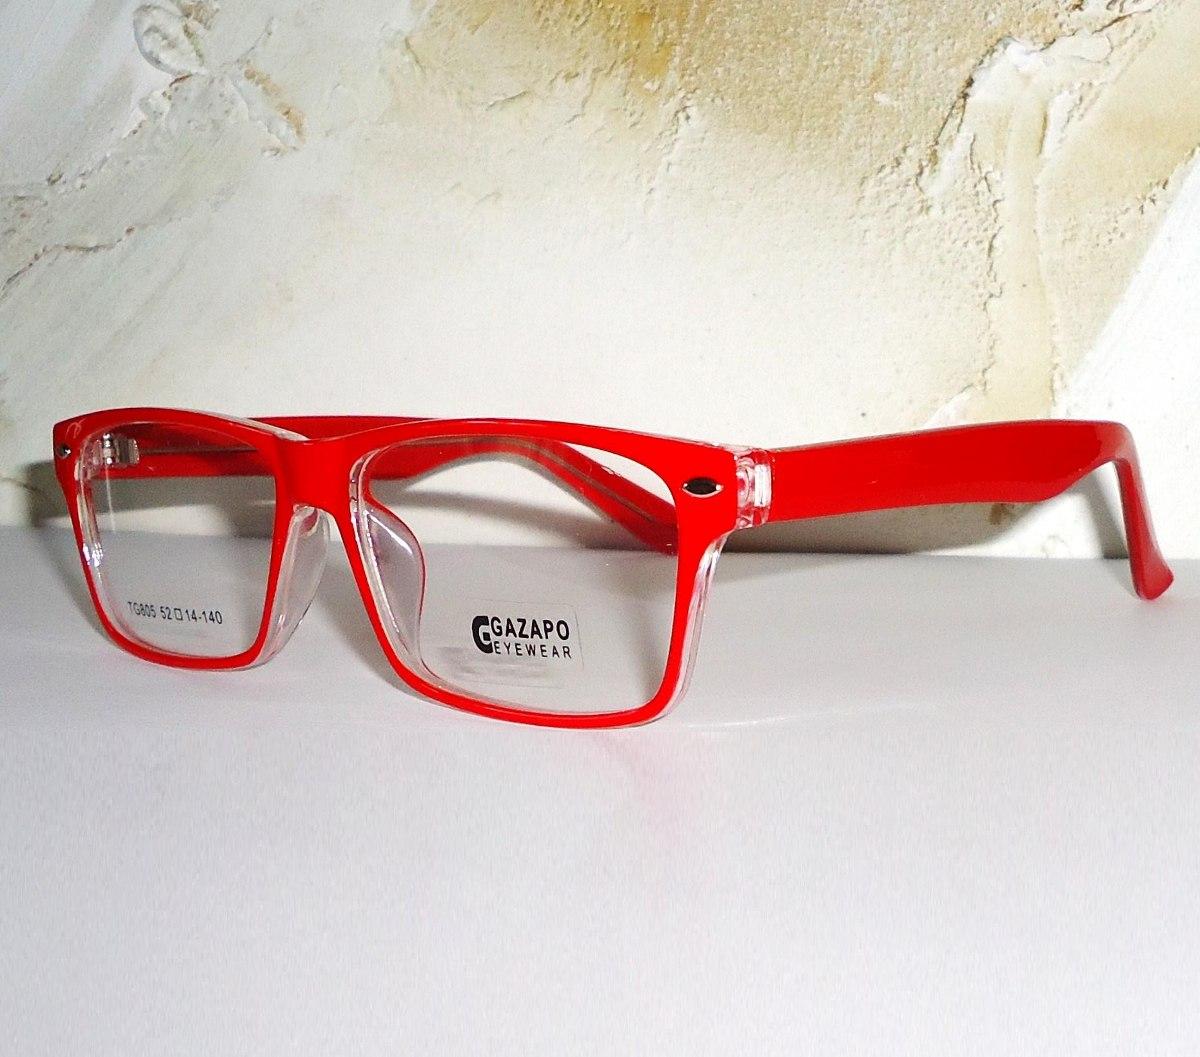 7c42c144af484 armação para óculos de grau receituário aros finos acetato. Carregando zoom.